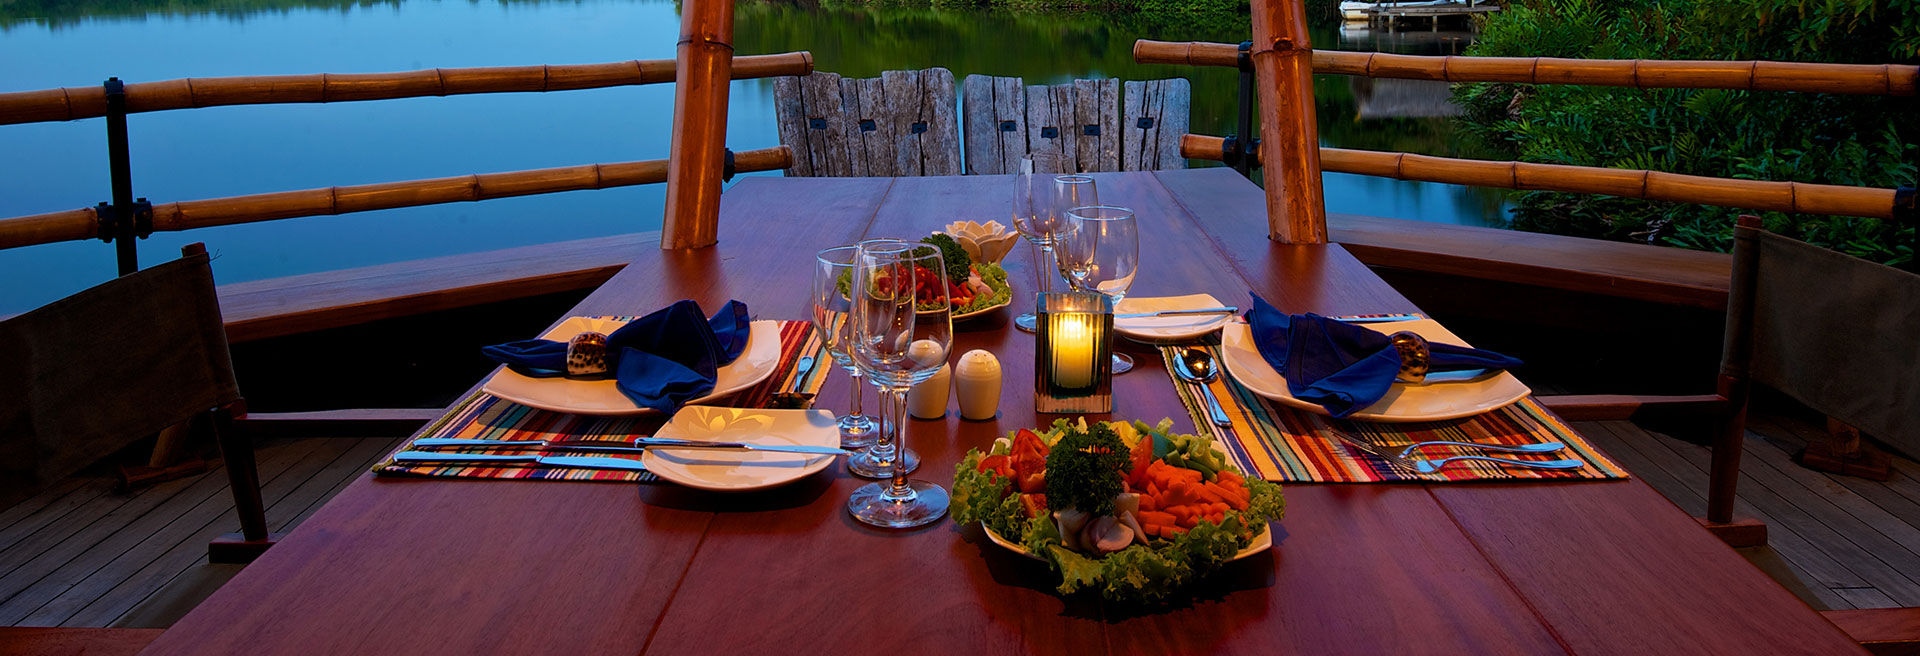 candle lit dinner set up